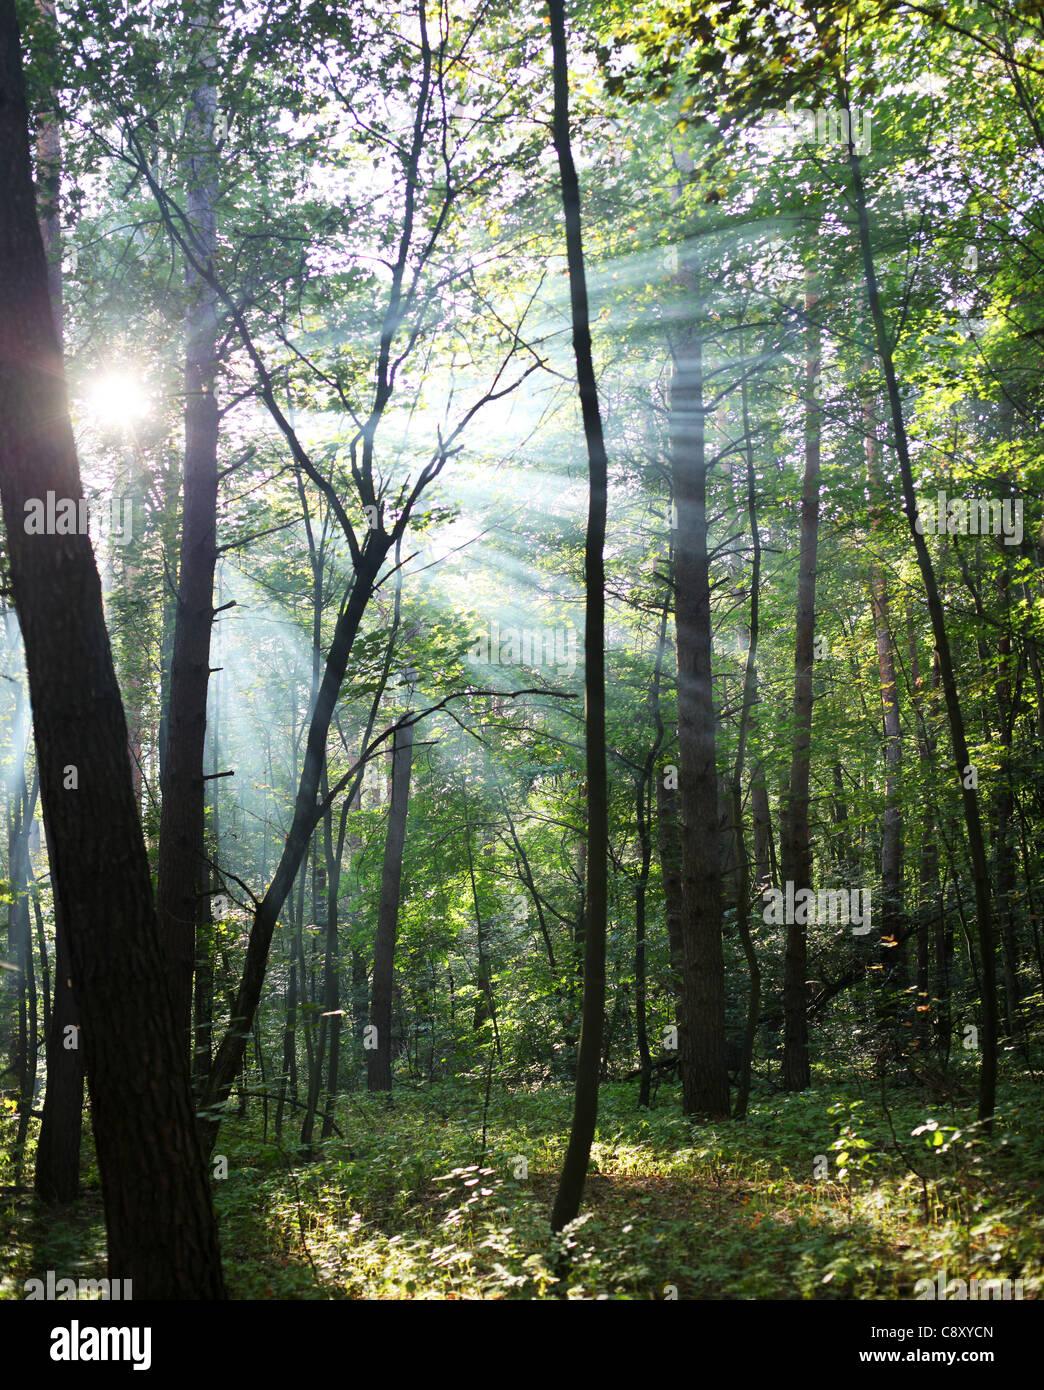 Los rayos del sol brillando a través de los árboles en el bosque. Imagen De Stock